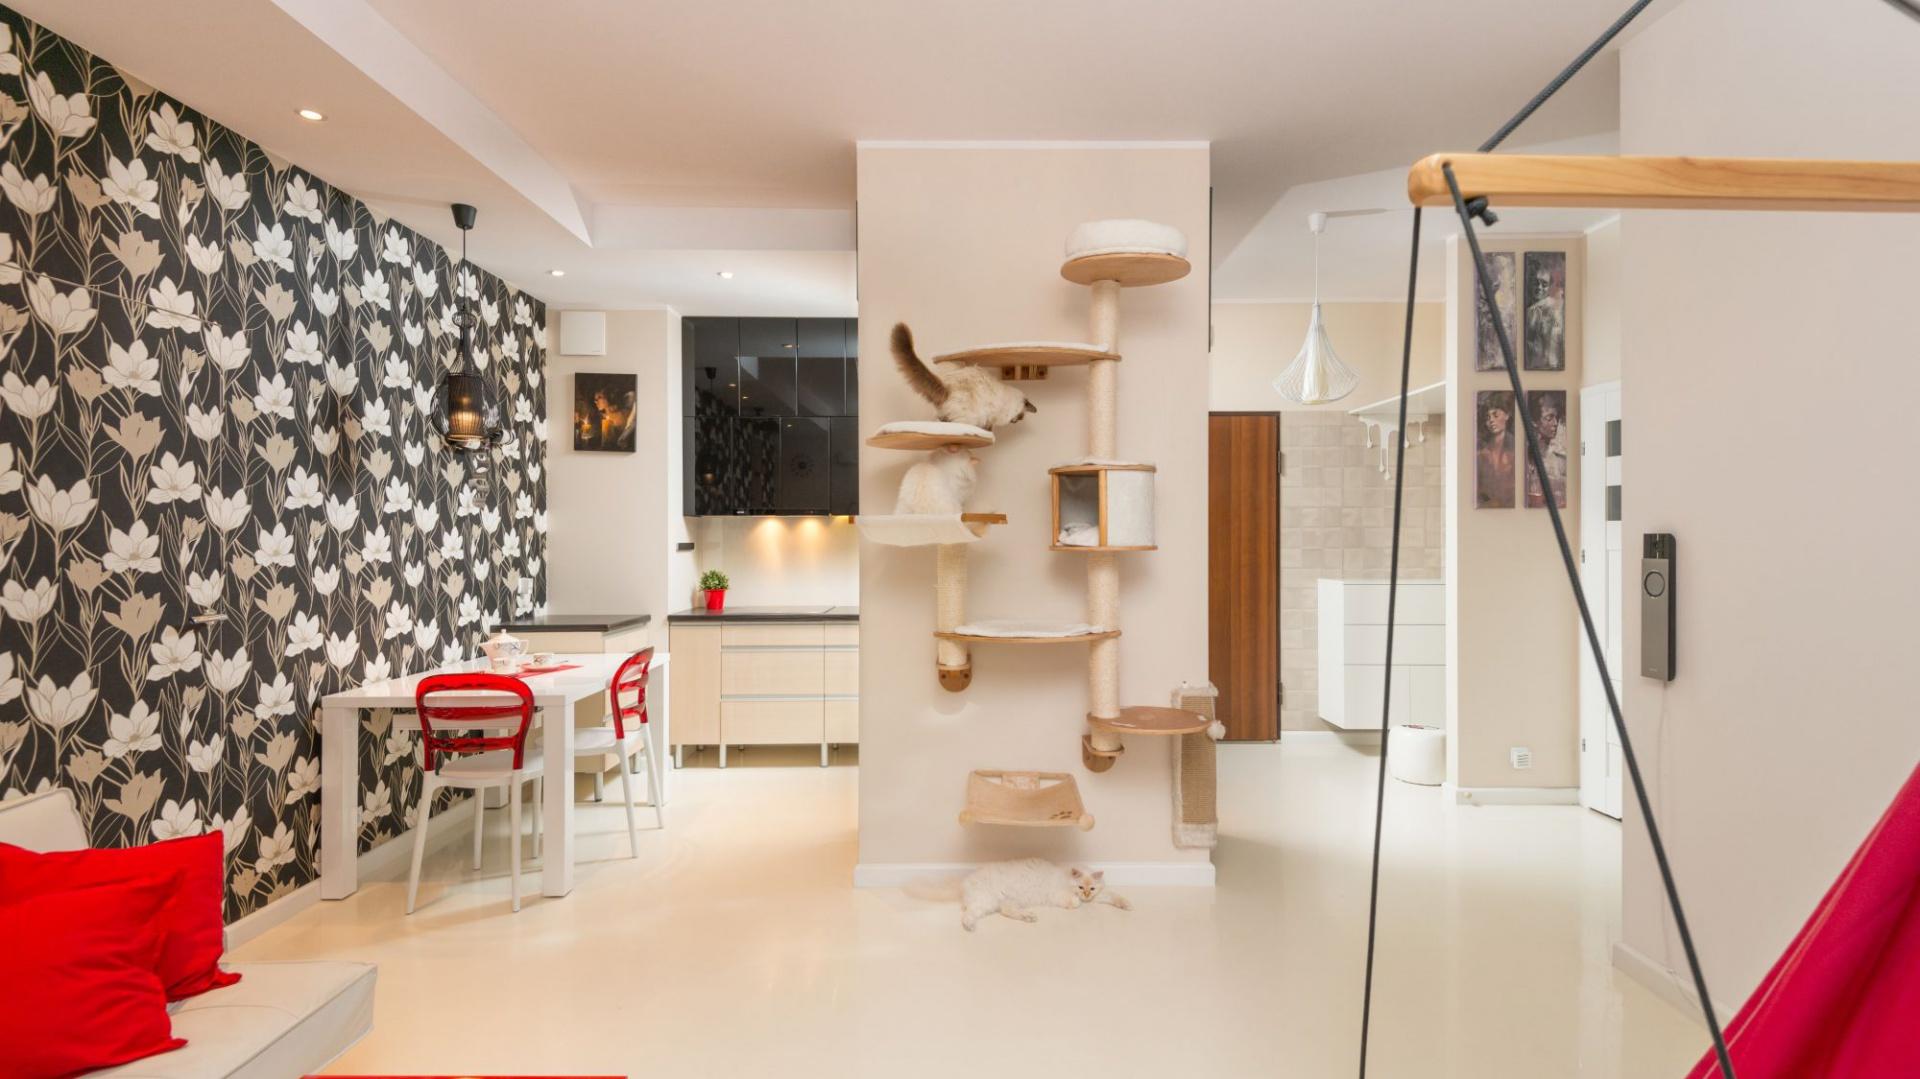 Na ścianie oddzielającej kuchnię od salonu zamontowano domek dla kota. Zwierzaki mogą skakać i bawić się do woli w tej przestrzeni, stworzonej specjalnie dla nich. Fot. Decoroom.